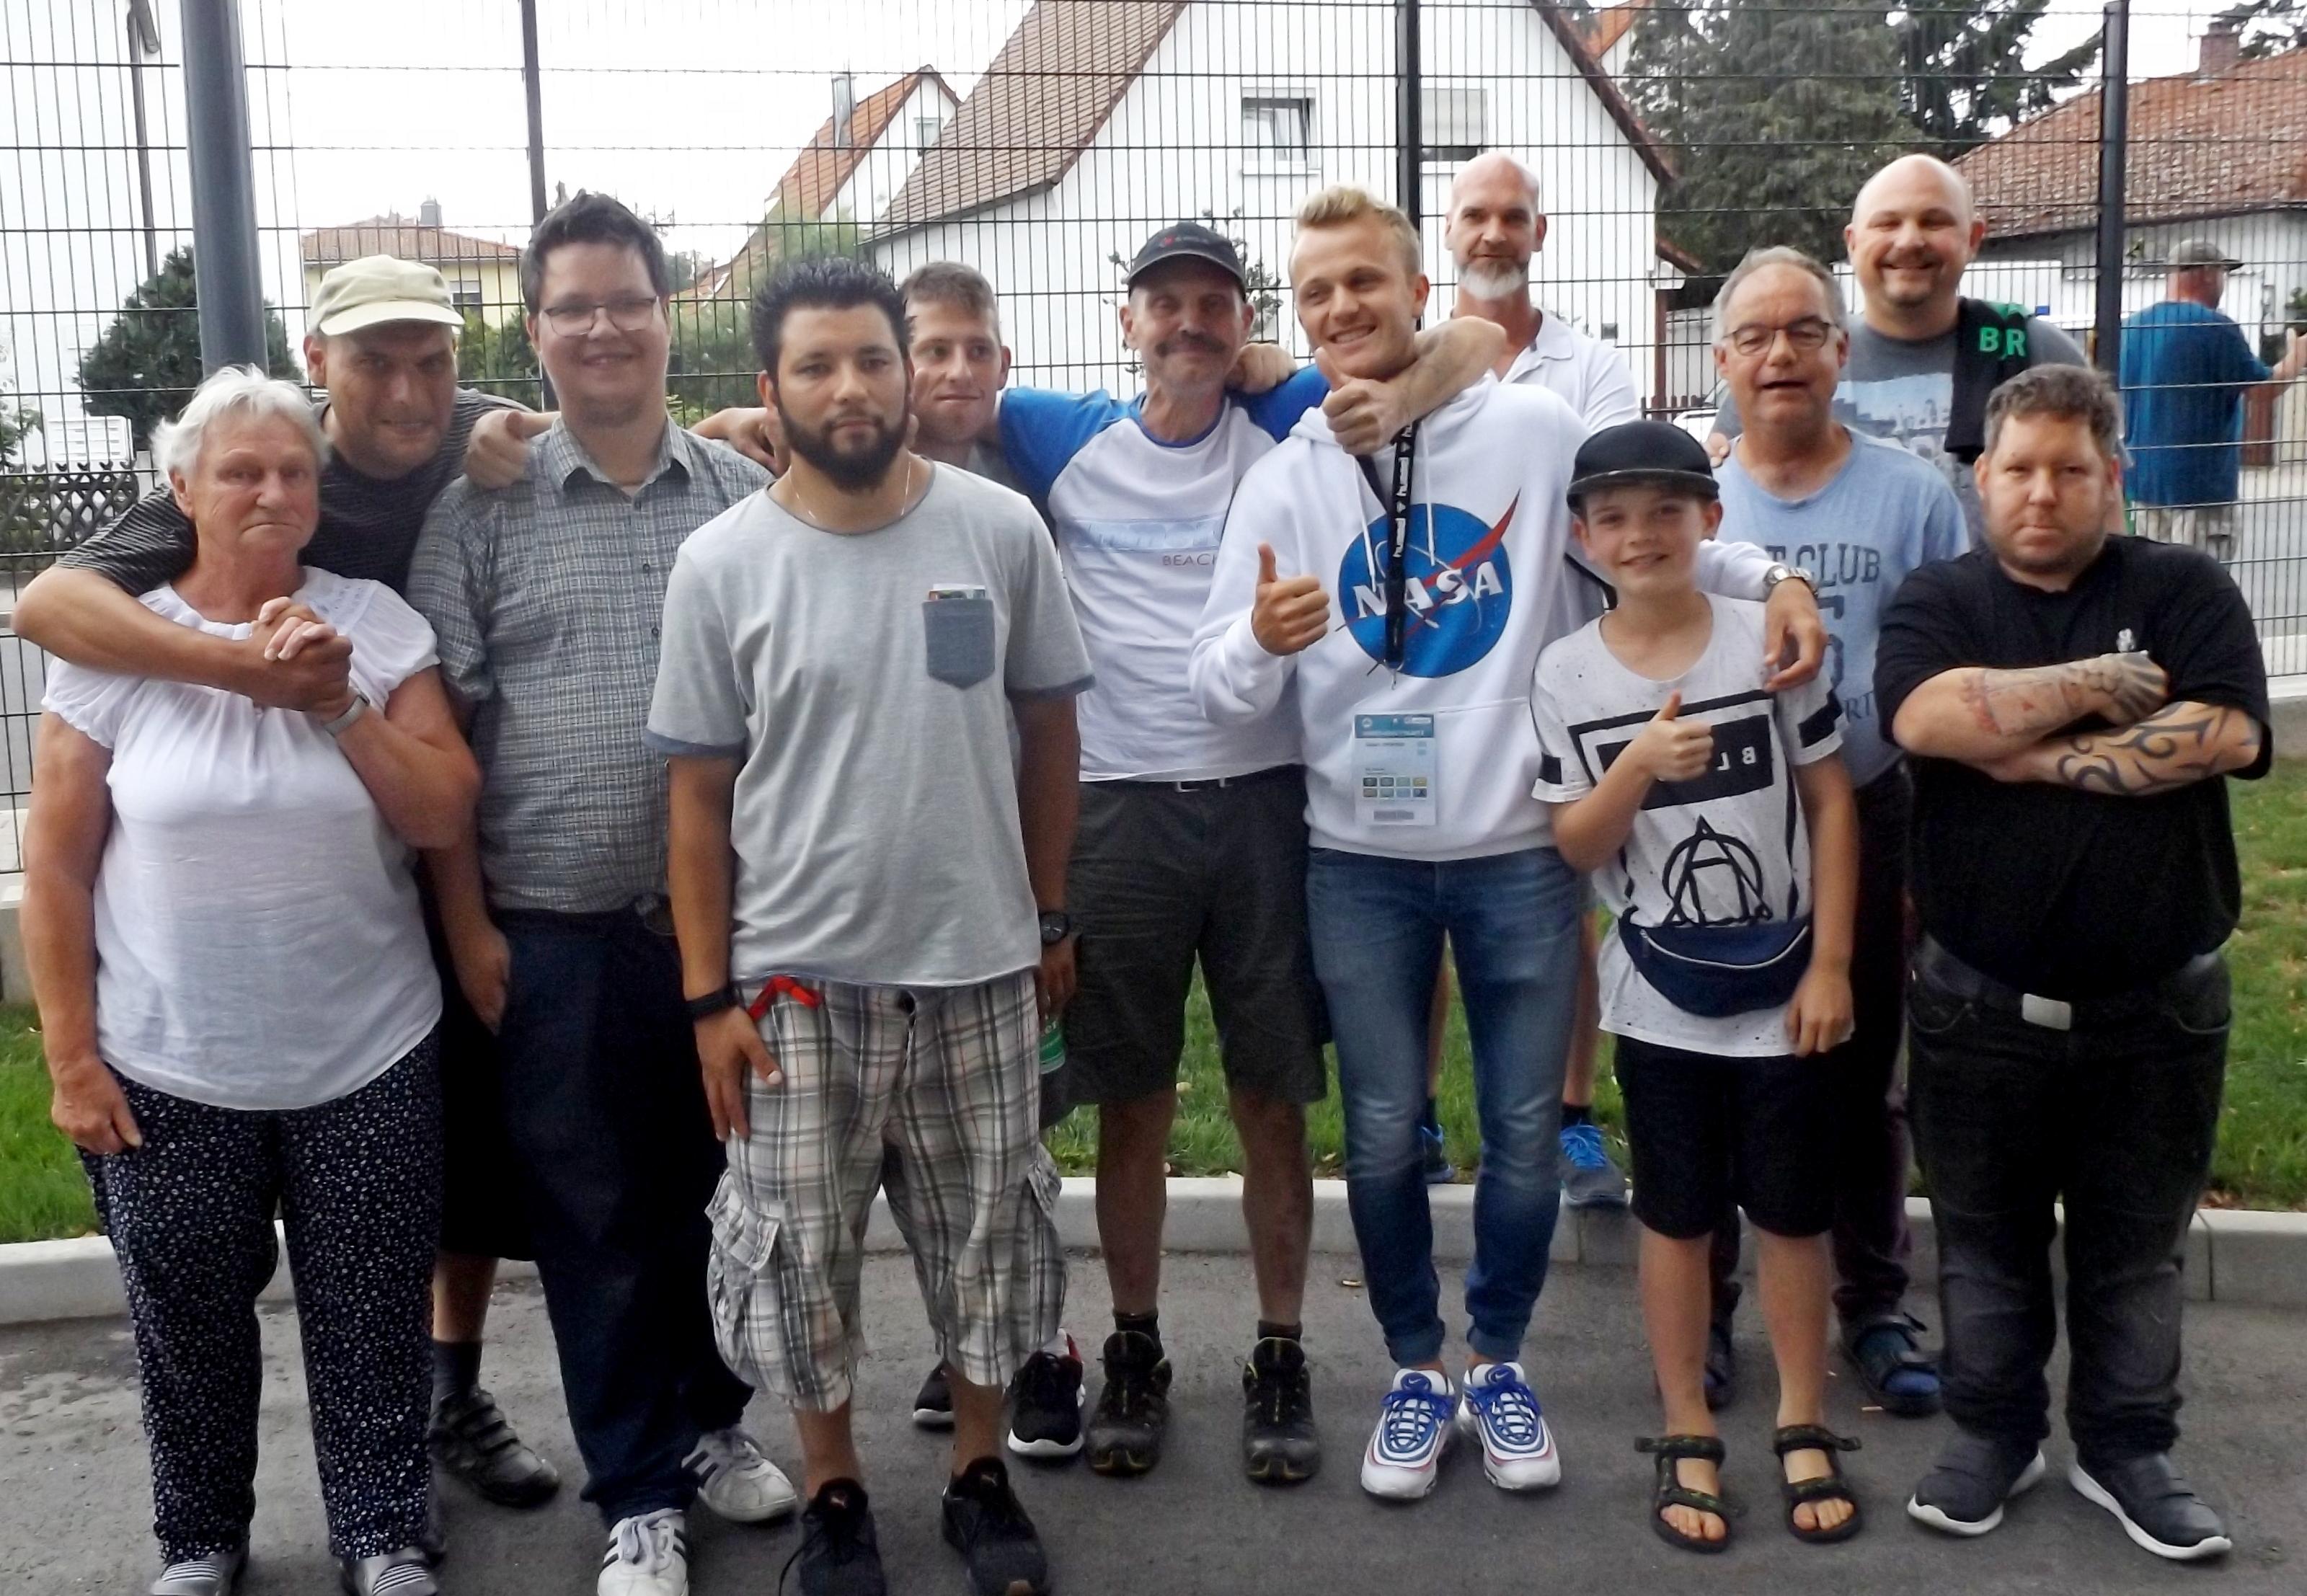 Zum Auftaktspiel der Greuther gabs Freikarten für die Lebenshilfe-Mannschaft vom Fanklub Kleeblatttreff unterm Moritzberg.